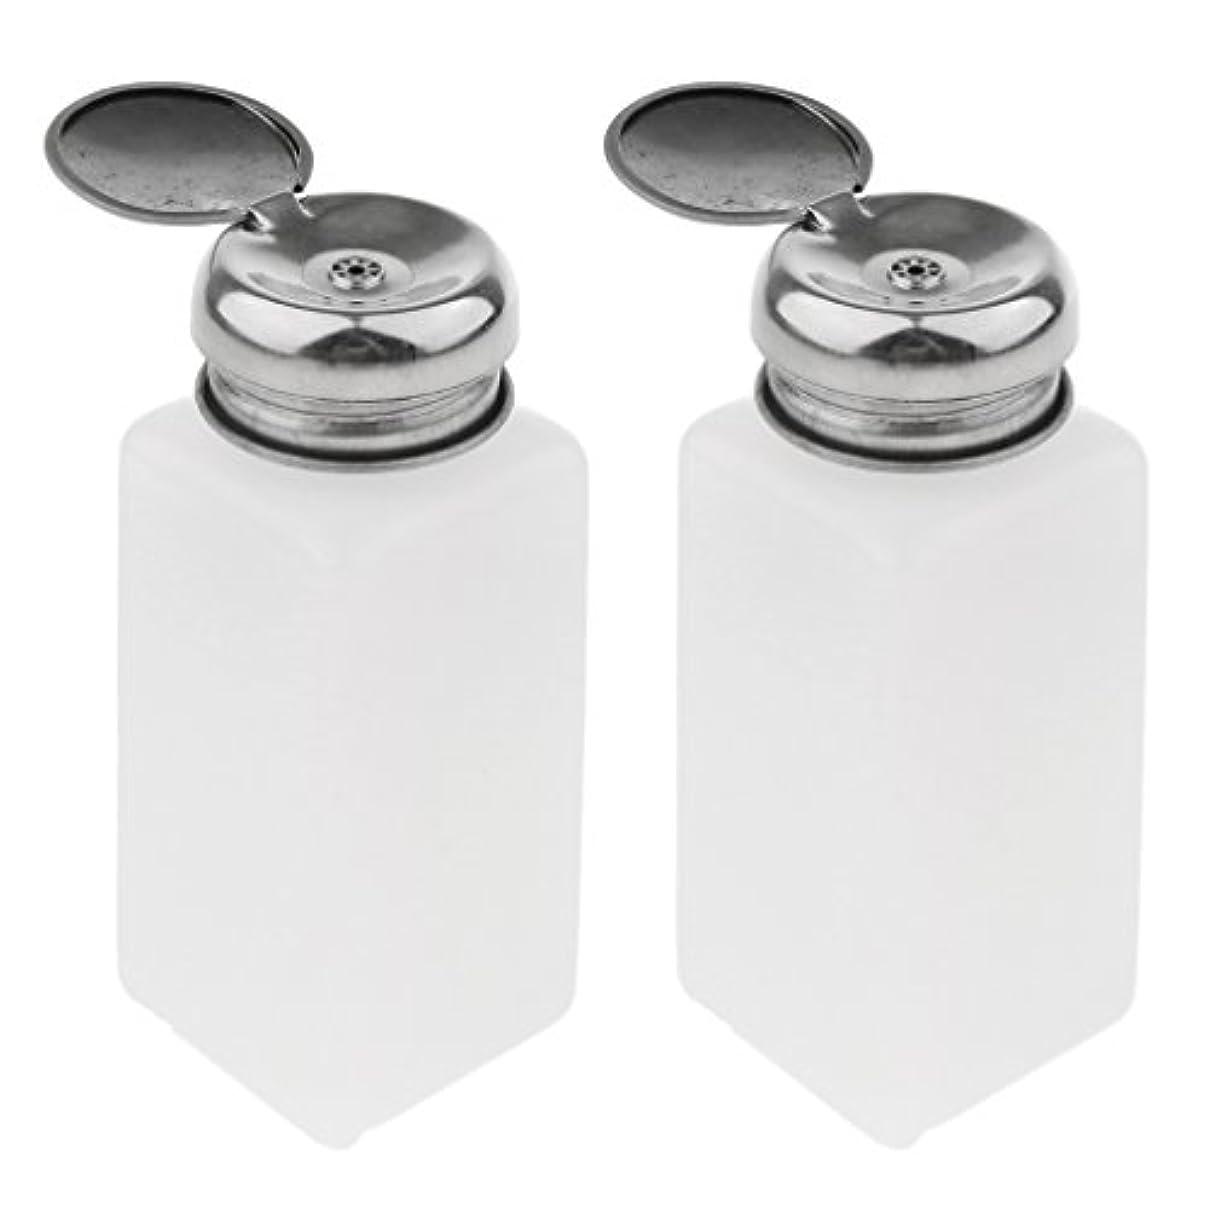 告白立派な自治的2個 プレスボトル マニキュア リムーバー ポンプ ディスペンサー プレスボトル 空の容器 - 250ミリリットル